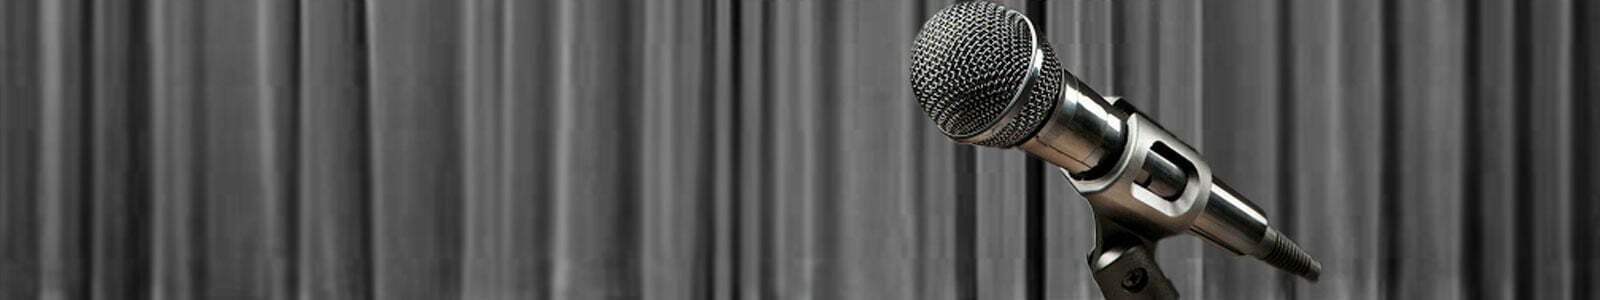 میکروفون-دستی